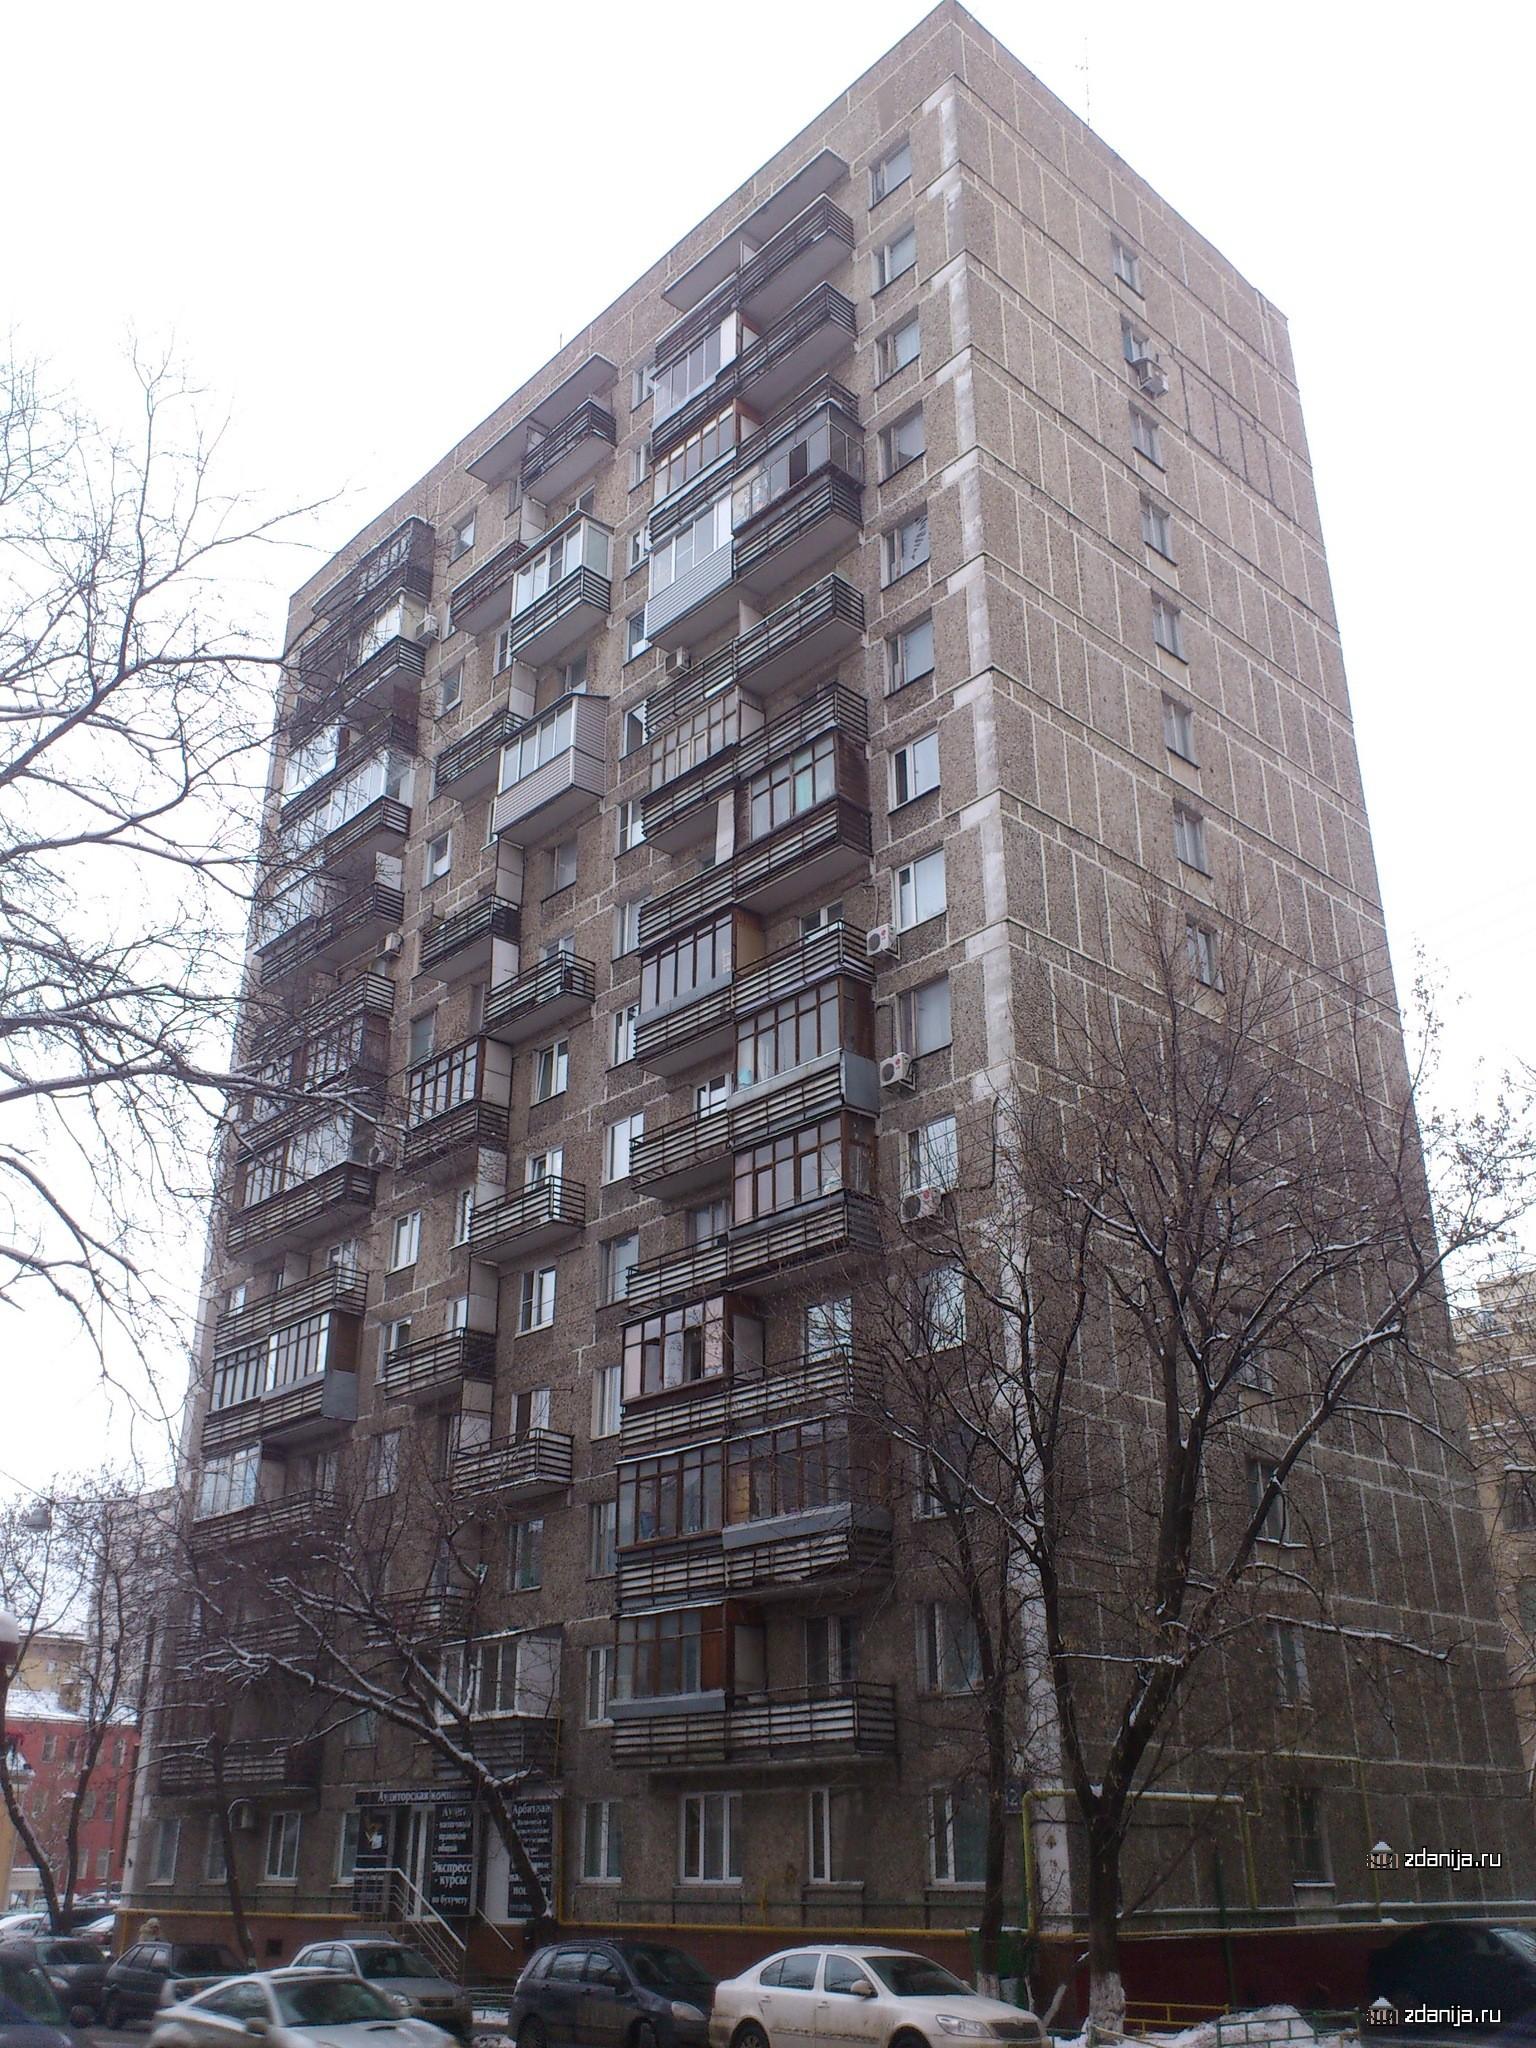 Москва, улица гиляровского, дом 48, серия - п-3/16 (цао, рай.